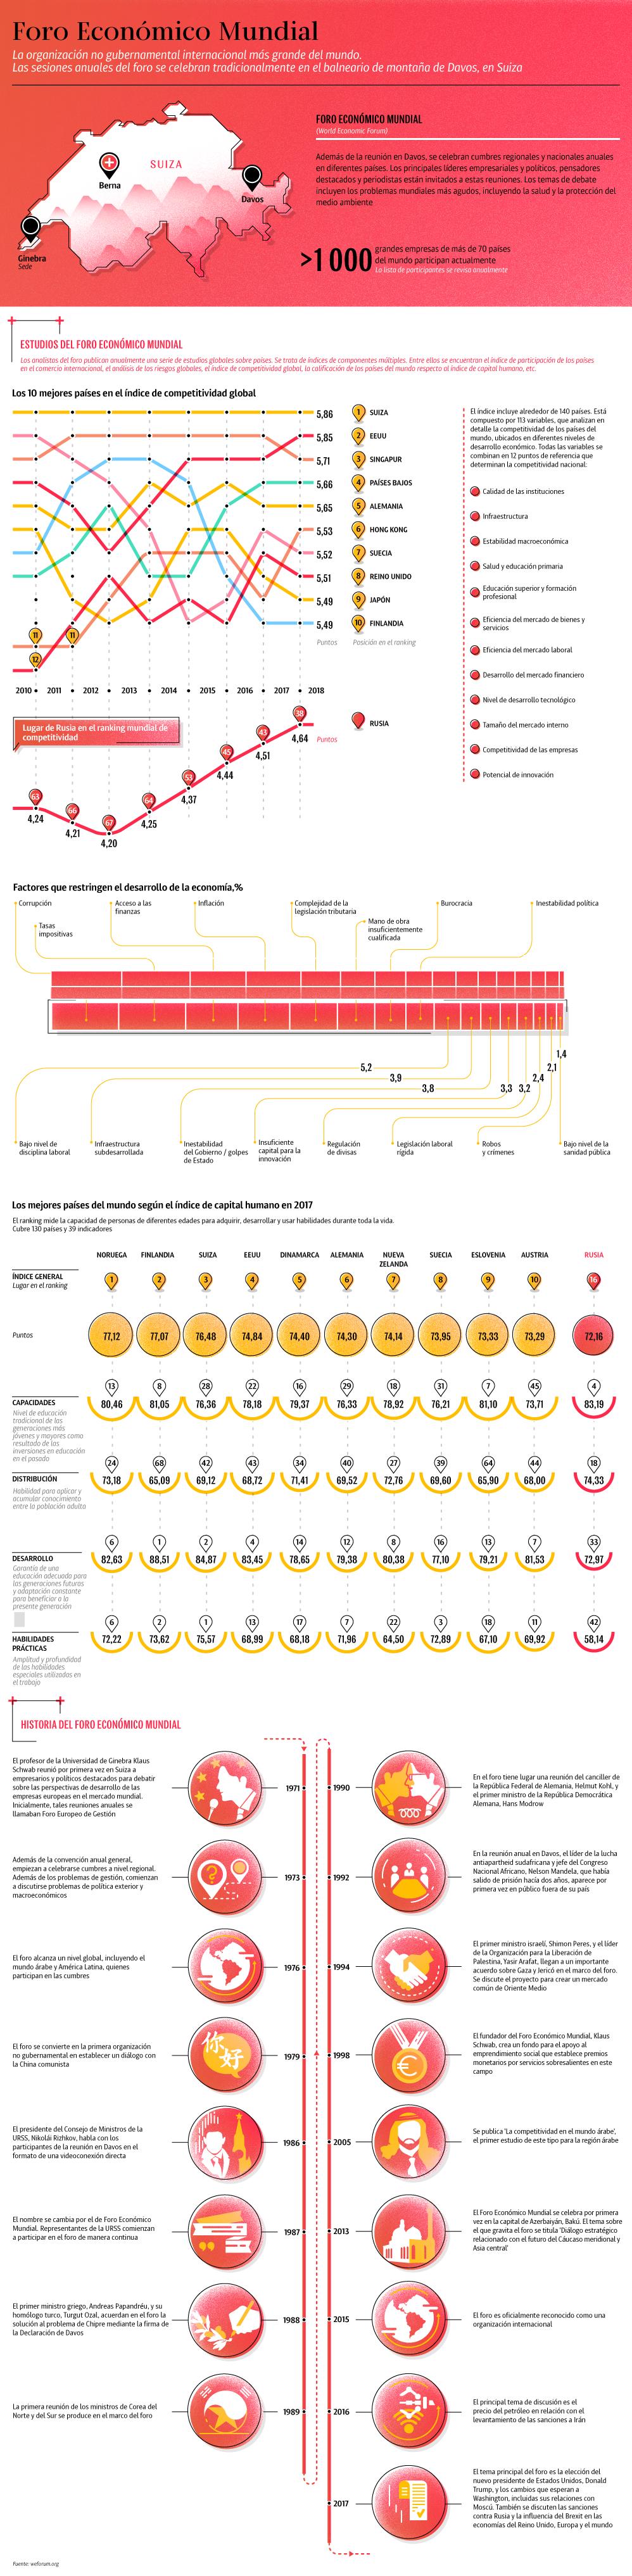 Las claves del Foro Económico Mundial - Sputnik Mundo